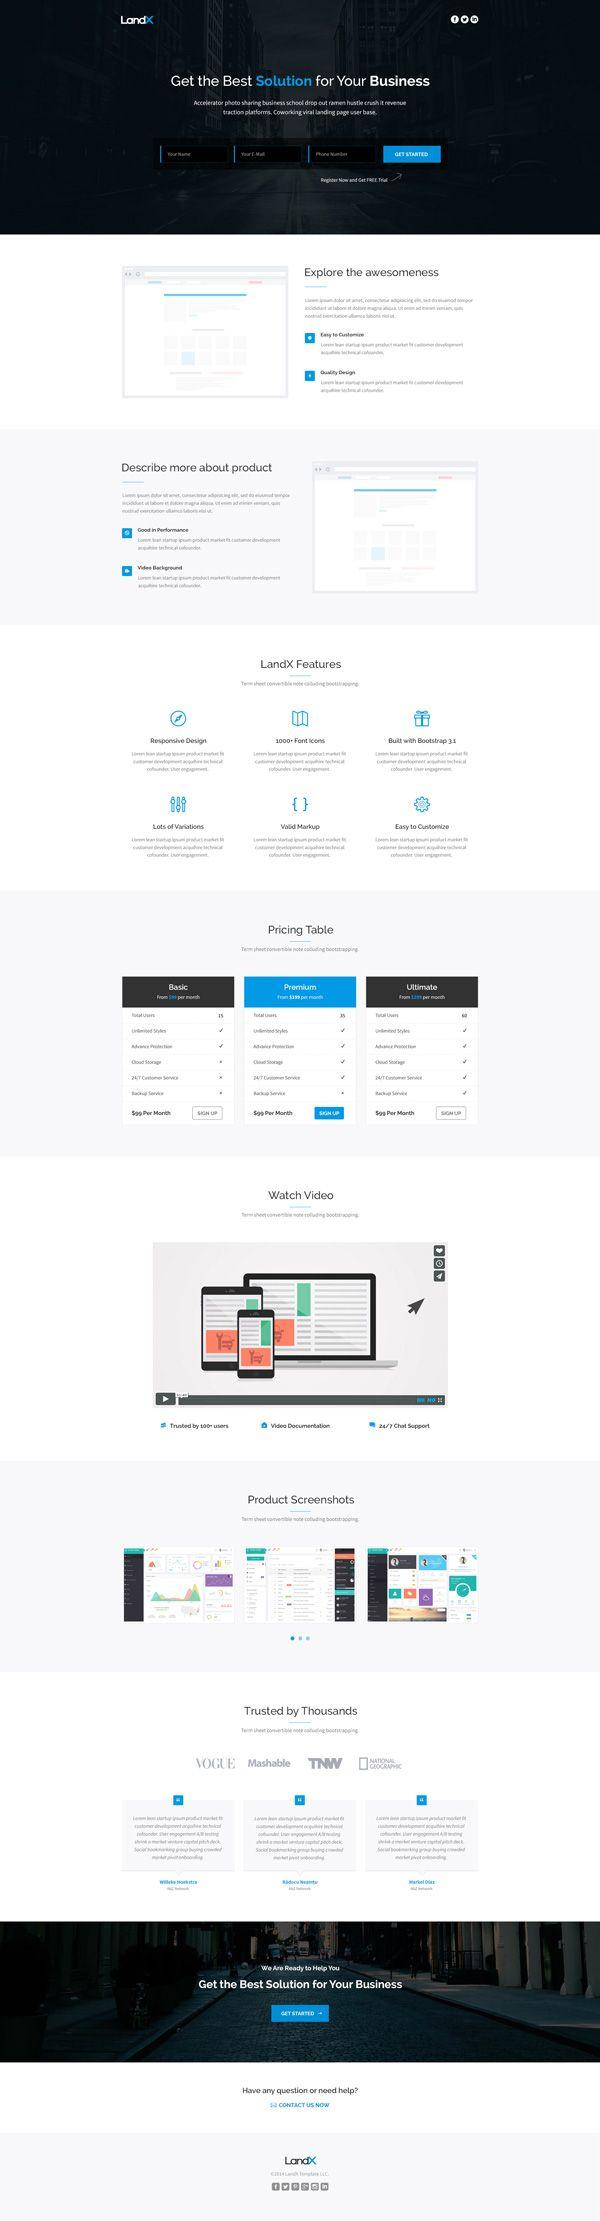 Plantilla web en PSD libre para descarga | Diseño Web | Pinterest ...